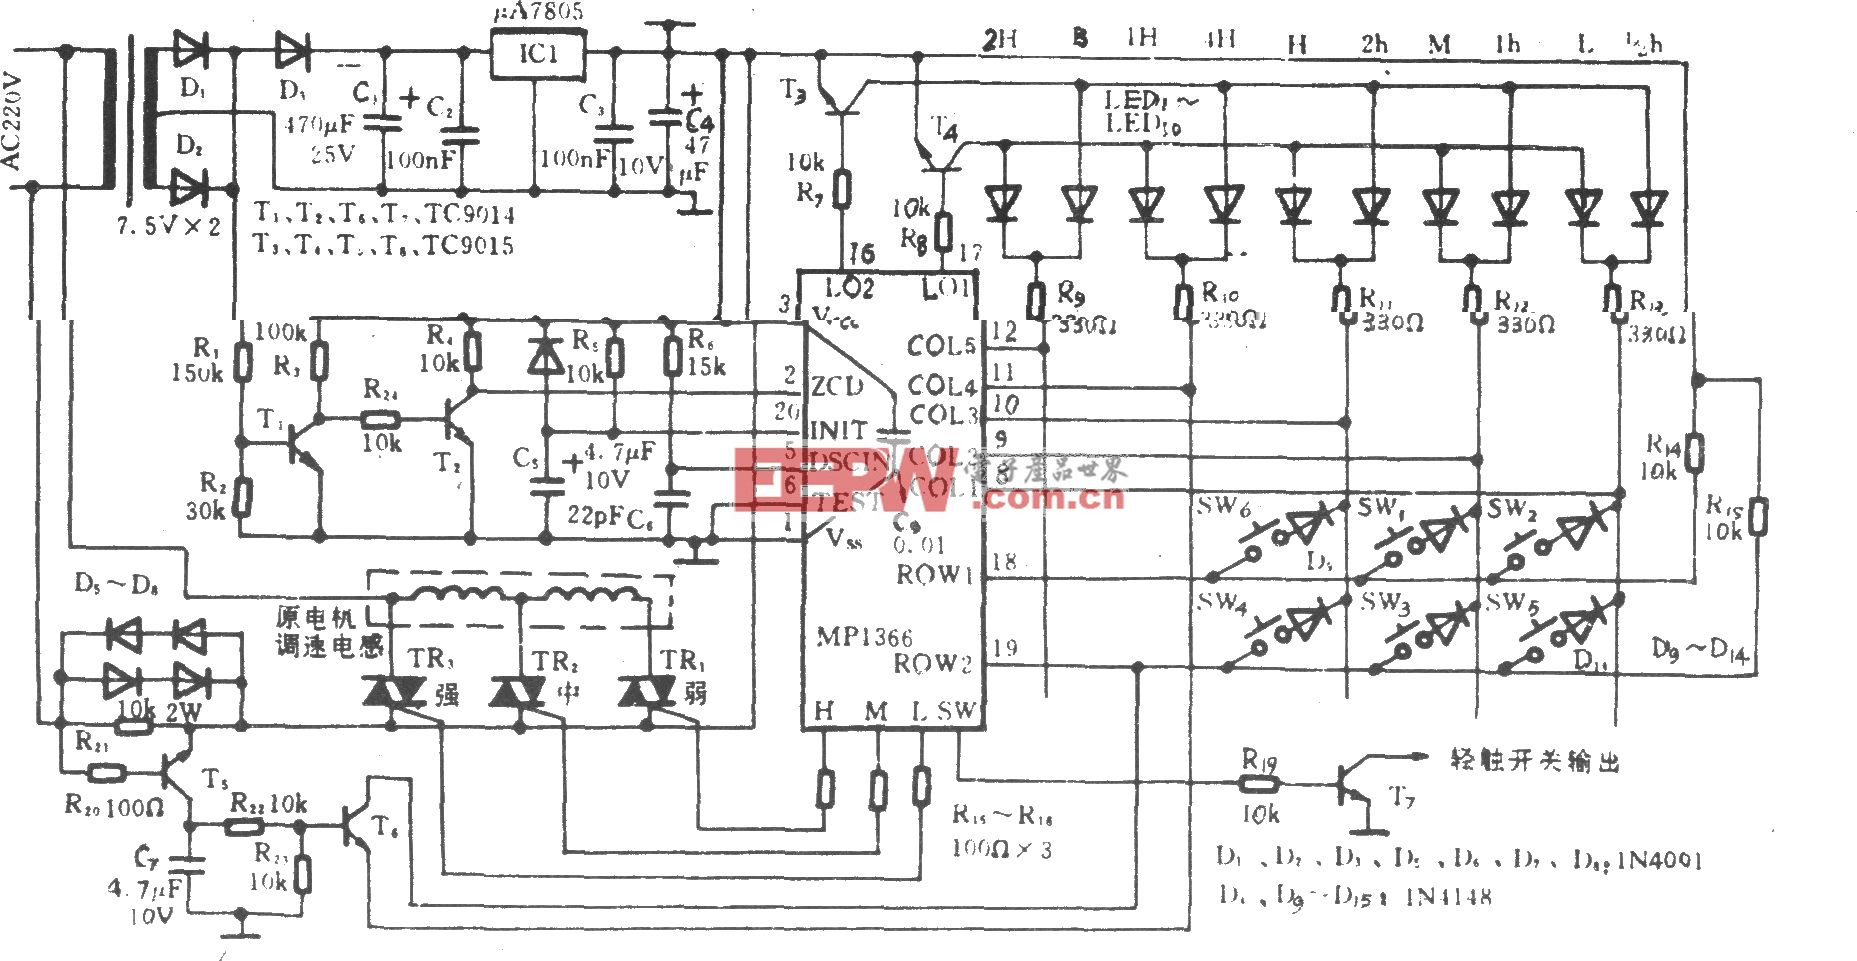 電風扇電腦程控電路(MP1366)